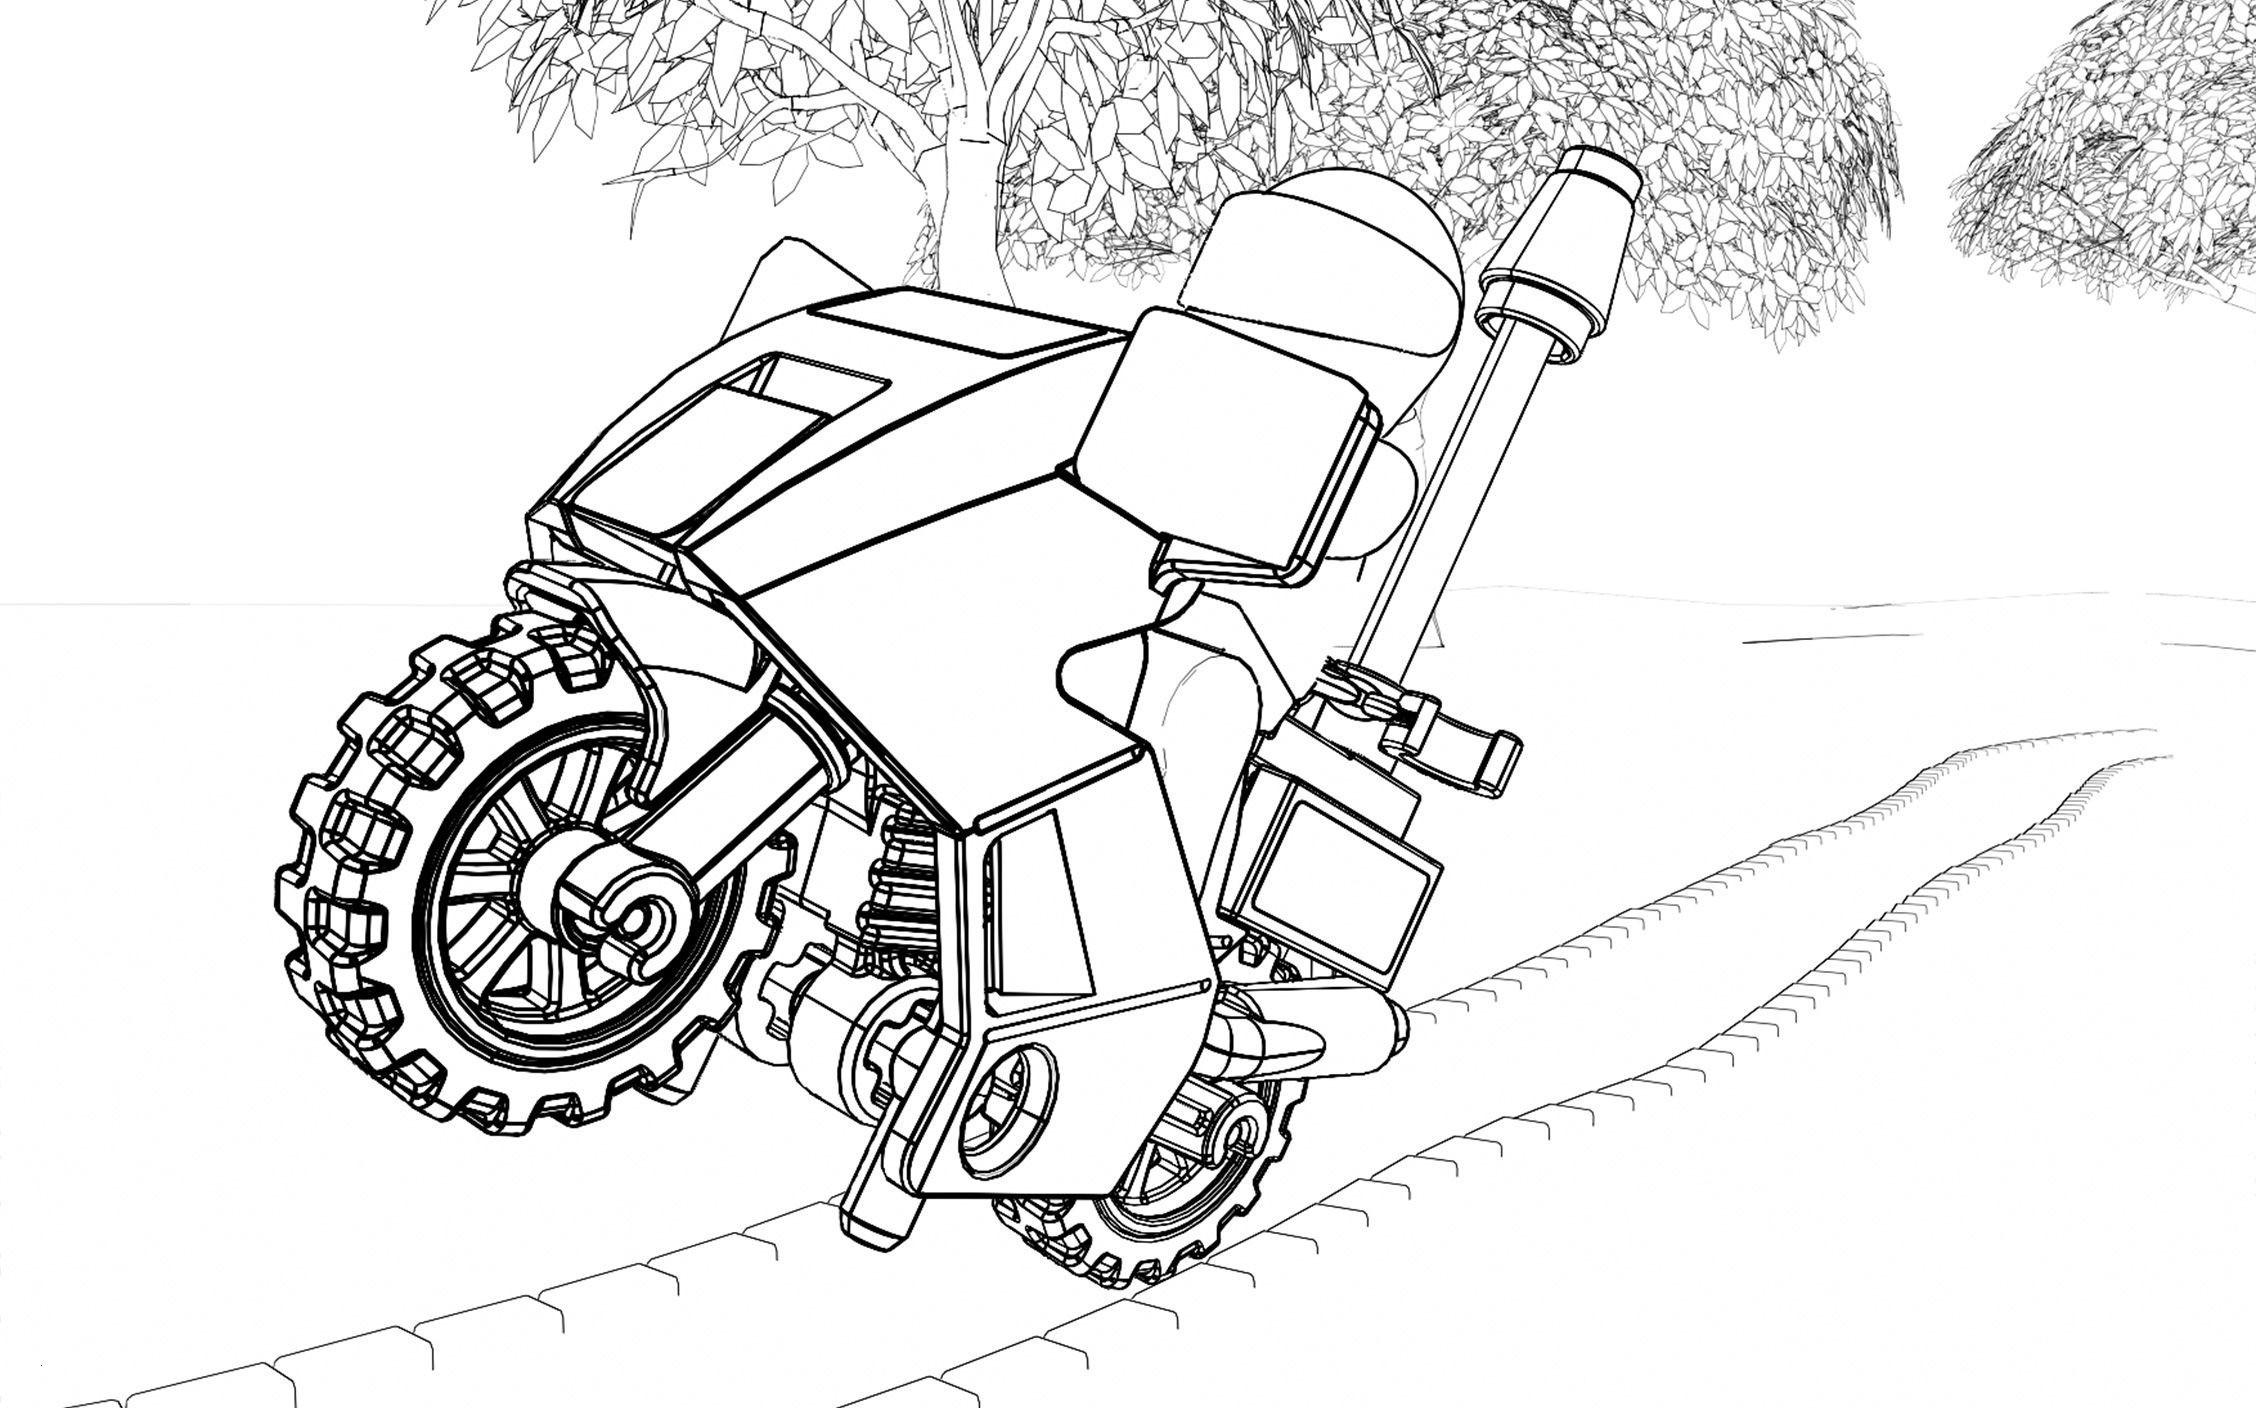 Auto Ausmalbilder Zum Ausdrucken Genial Lego Ausmalbilder Polizei Genial Groß Auto Malvorlagen Krankenwagen Bilder